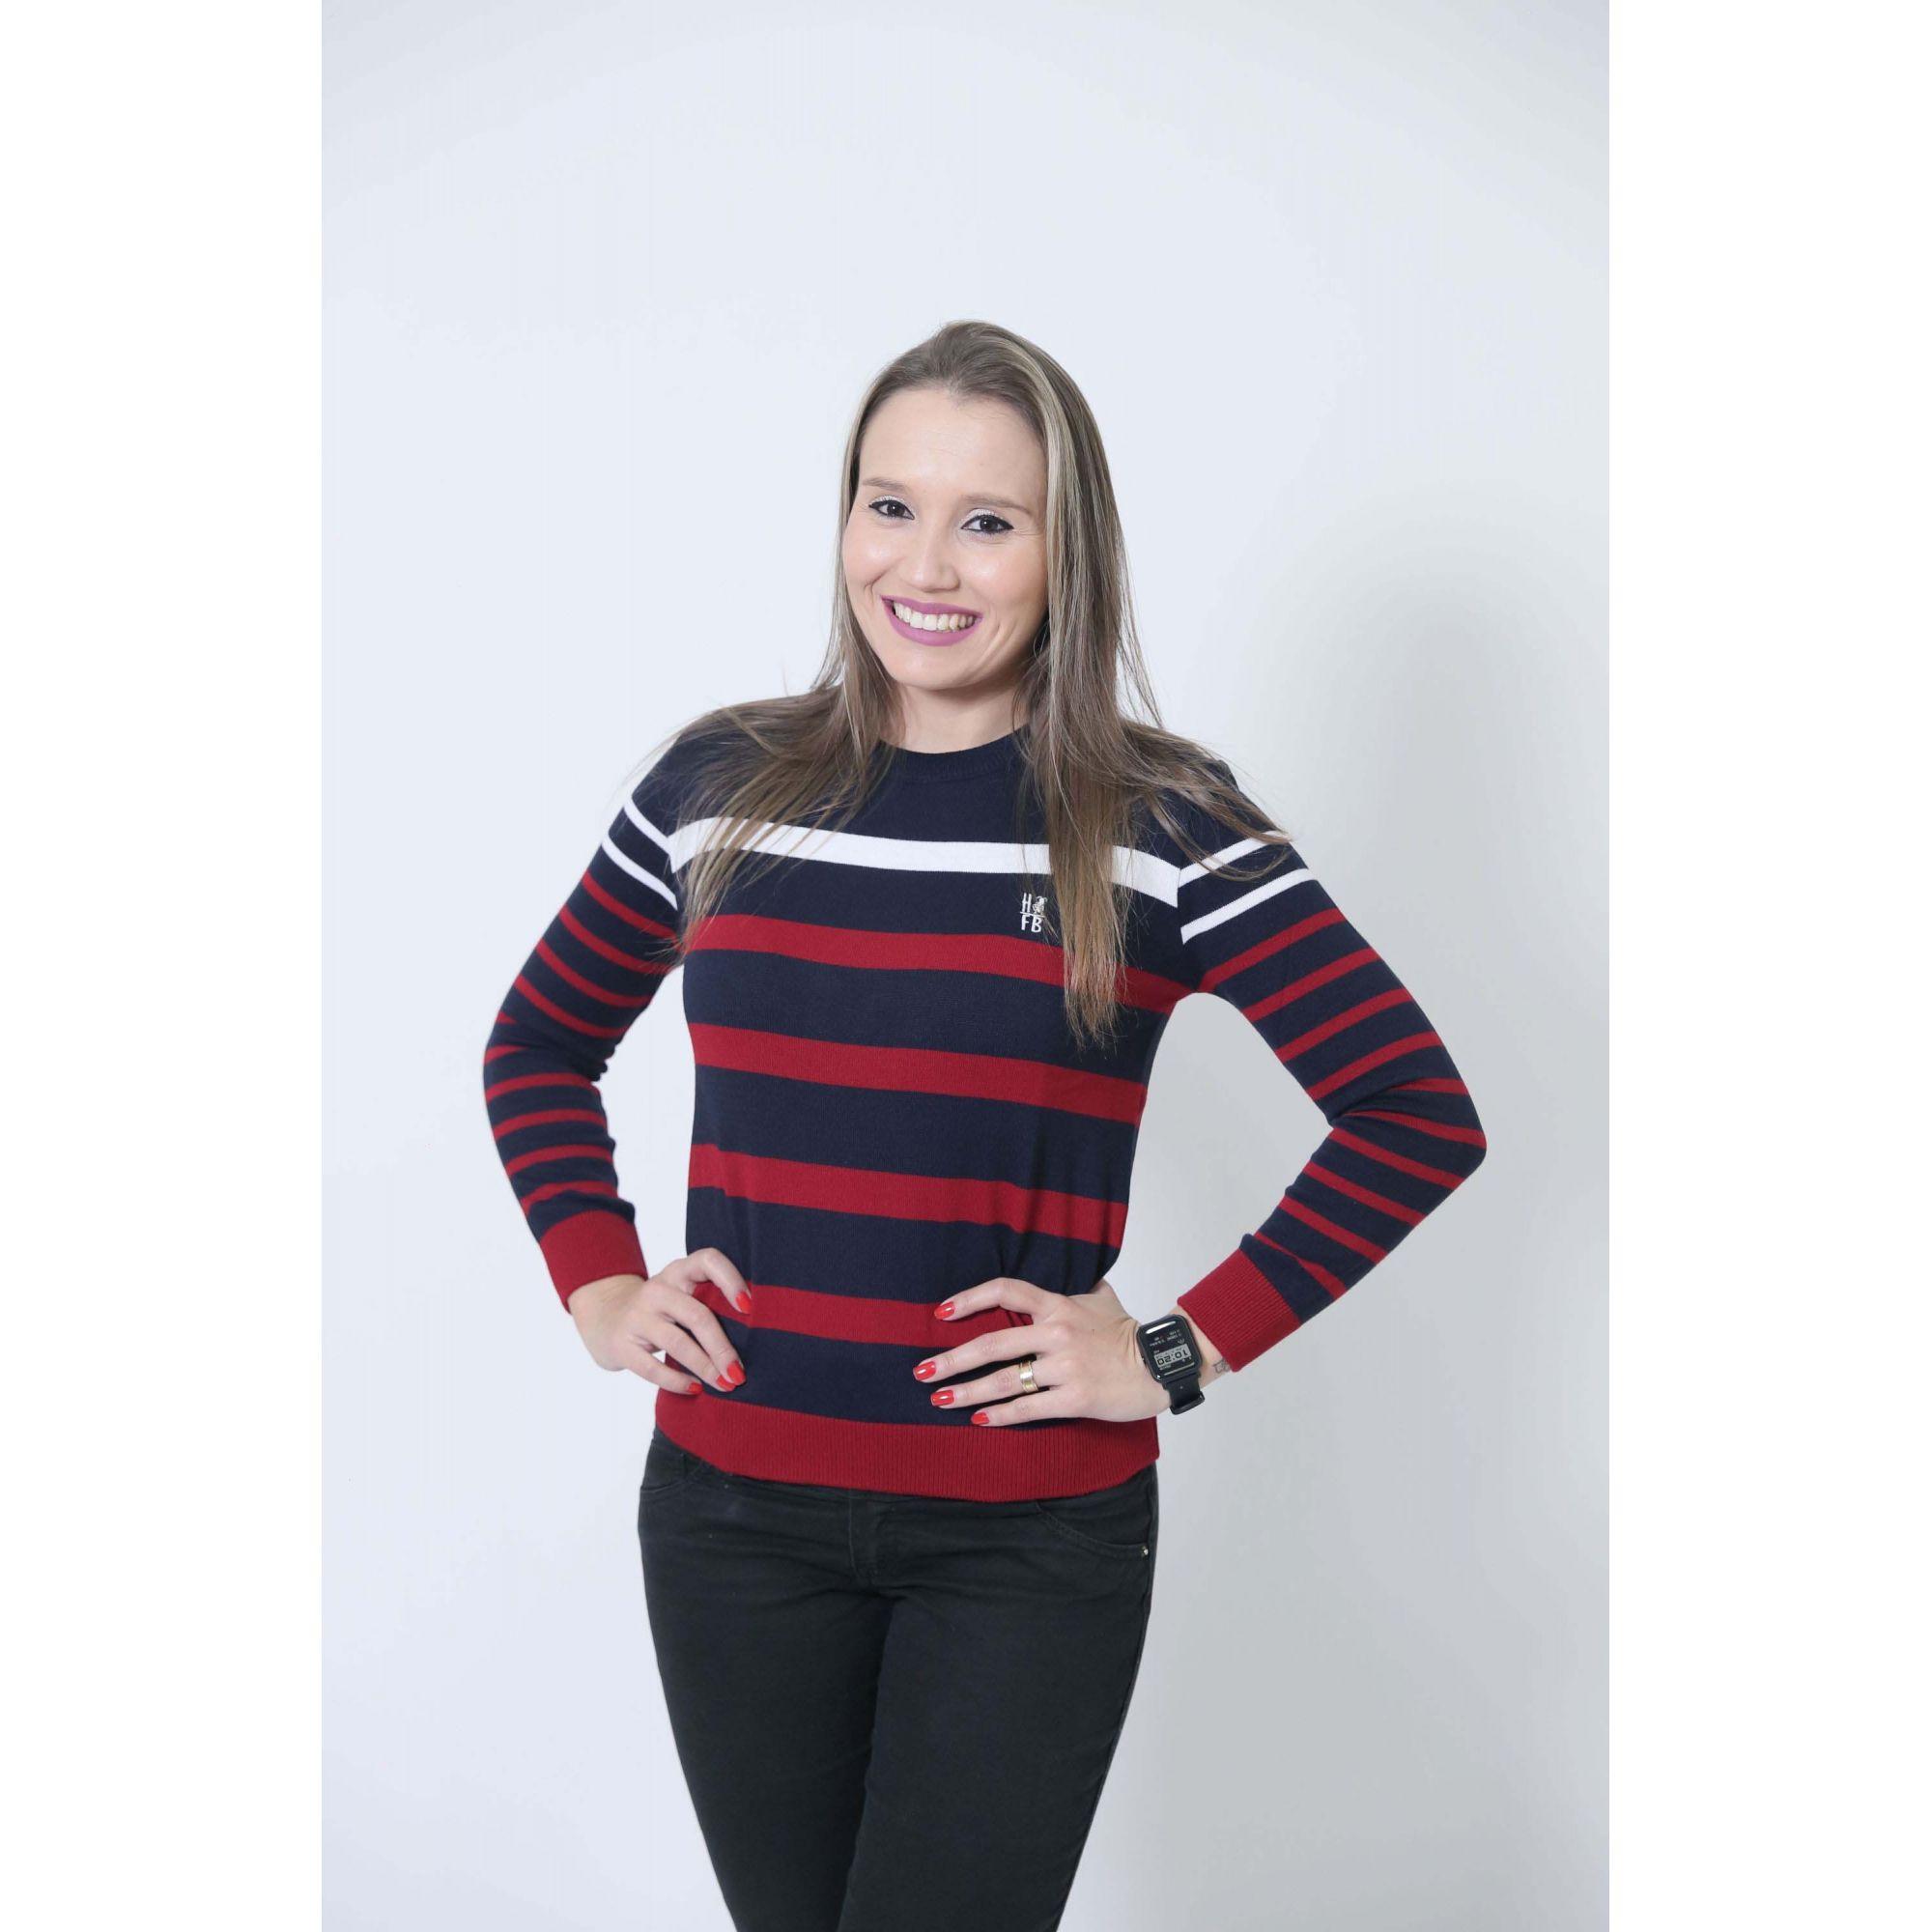 NAMORADOS > Kit 02 Peças Suéter - Listrado [Coleção Namorados]  - Heitor Fashion Brazil